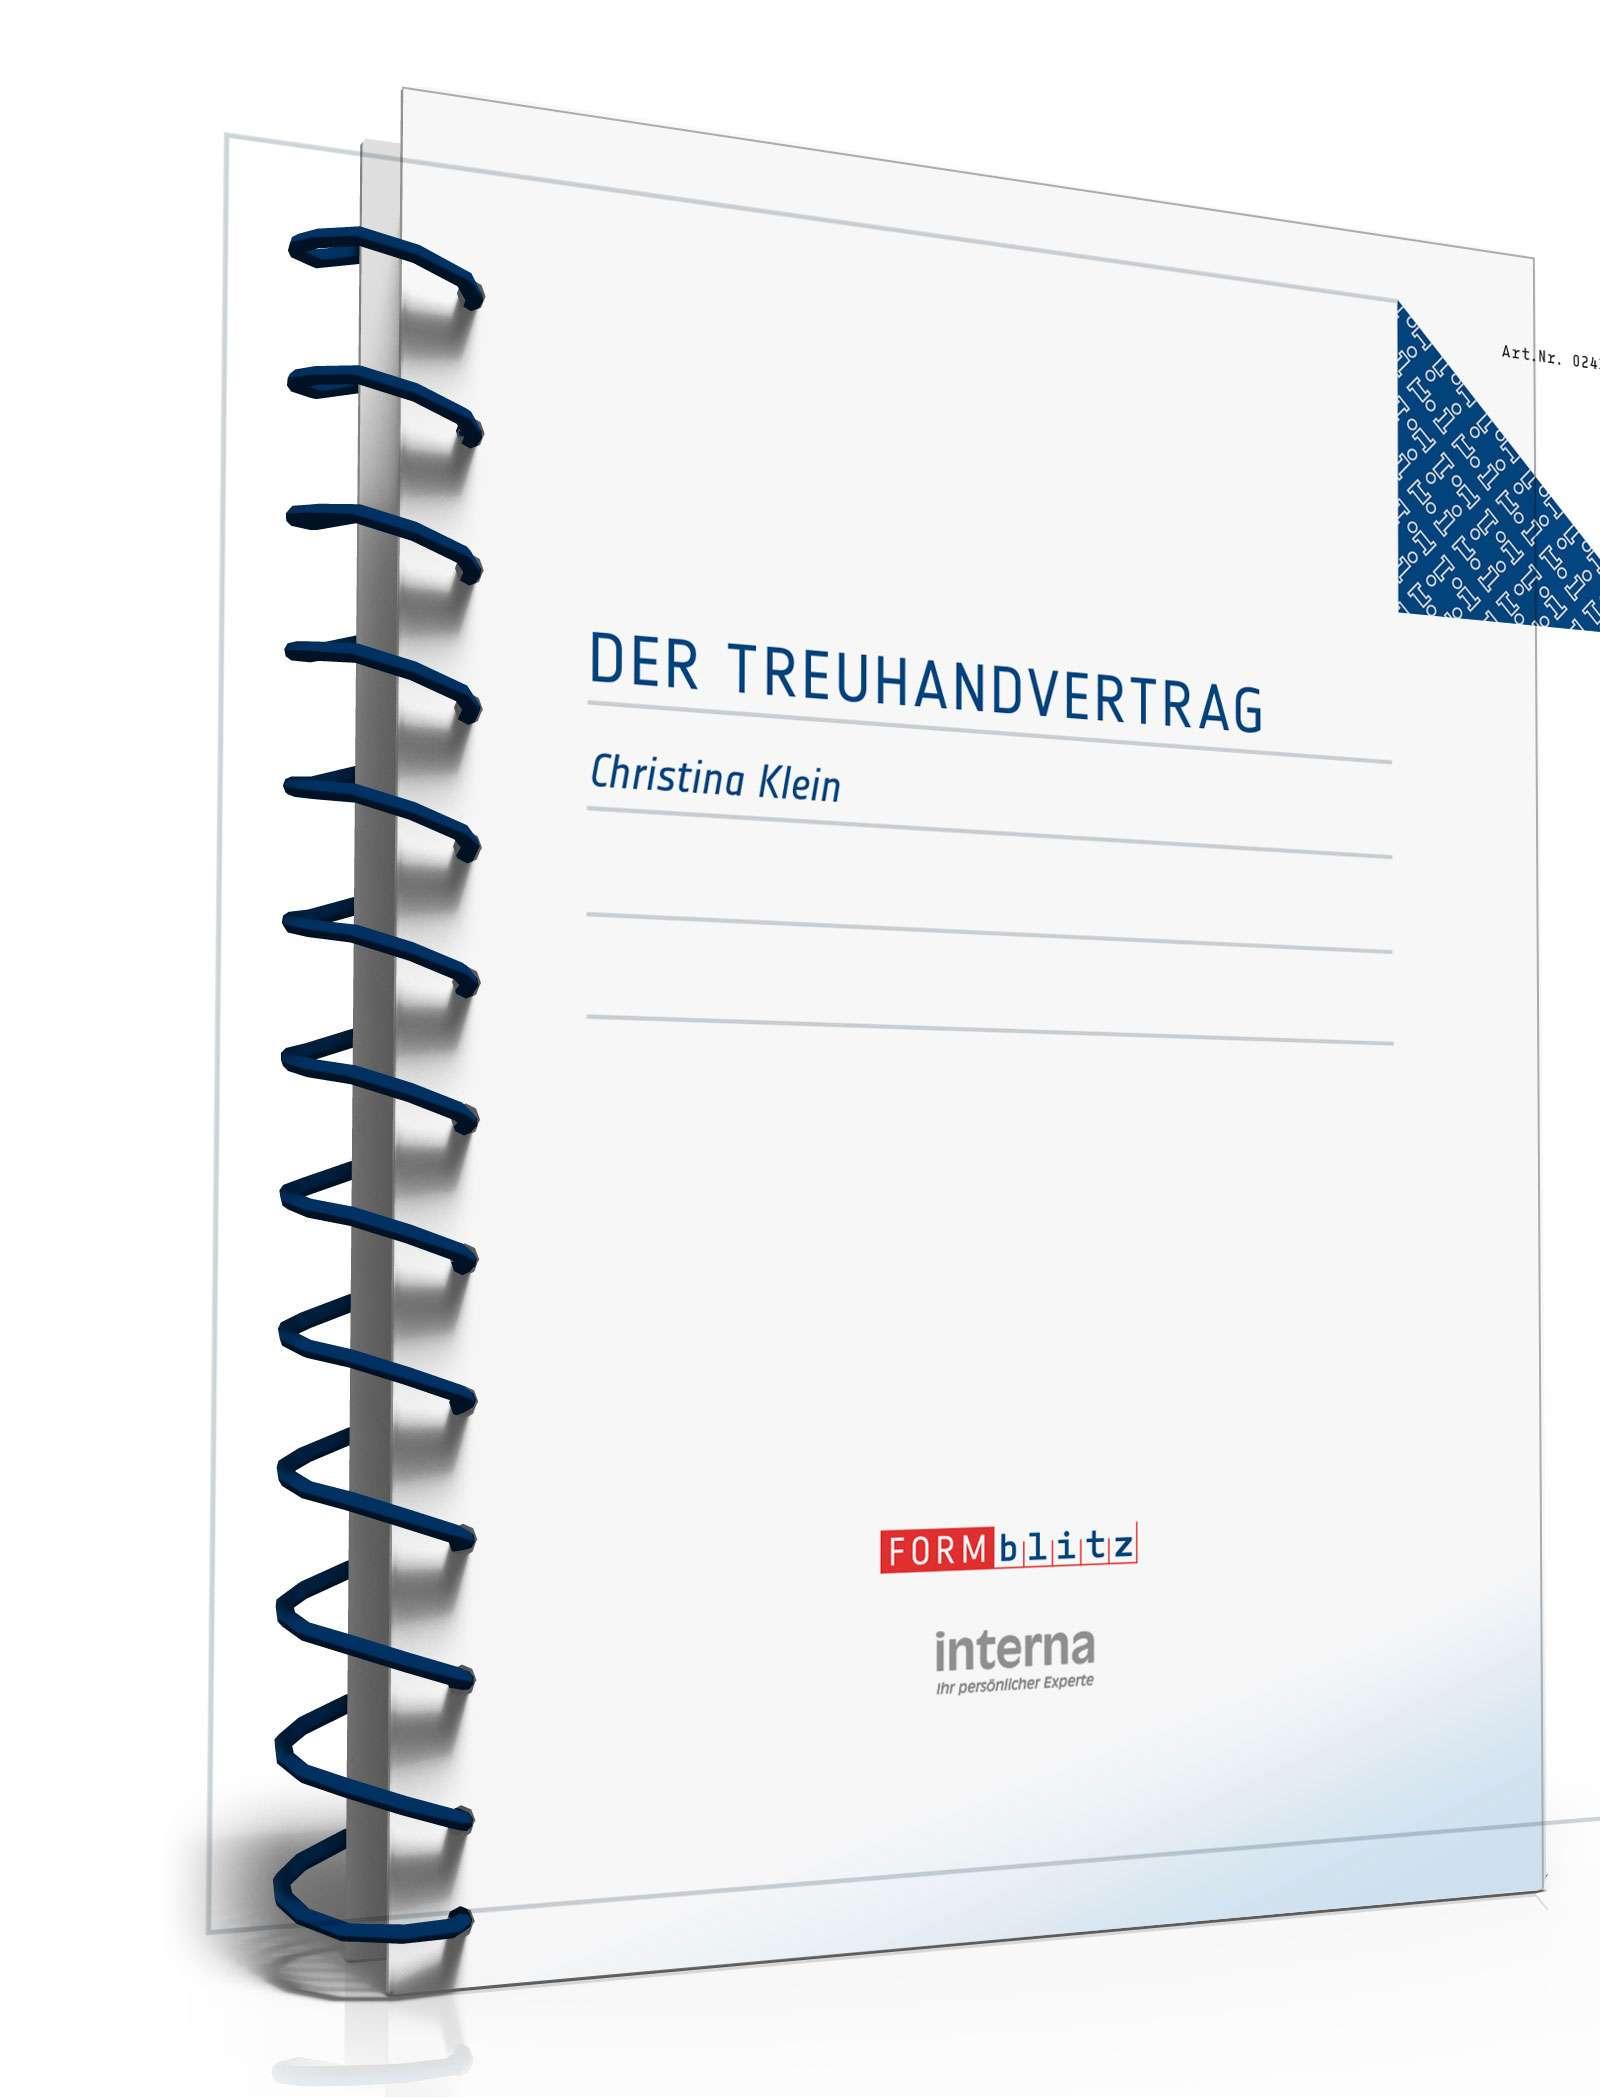 Treuhandvertrag Ratgeber Und Mustervertrag Zum Download